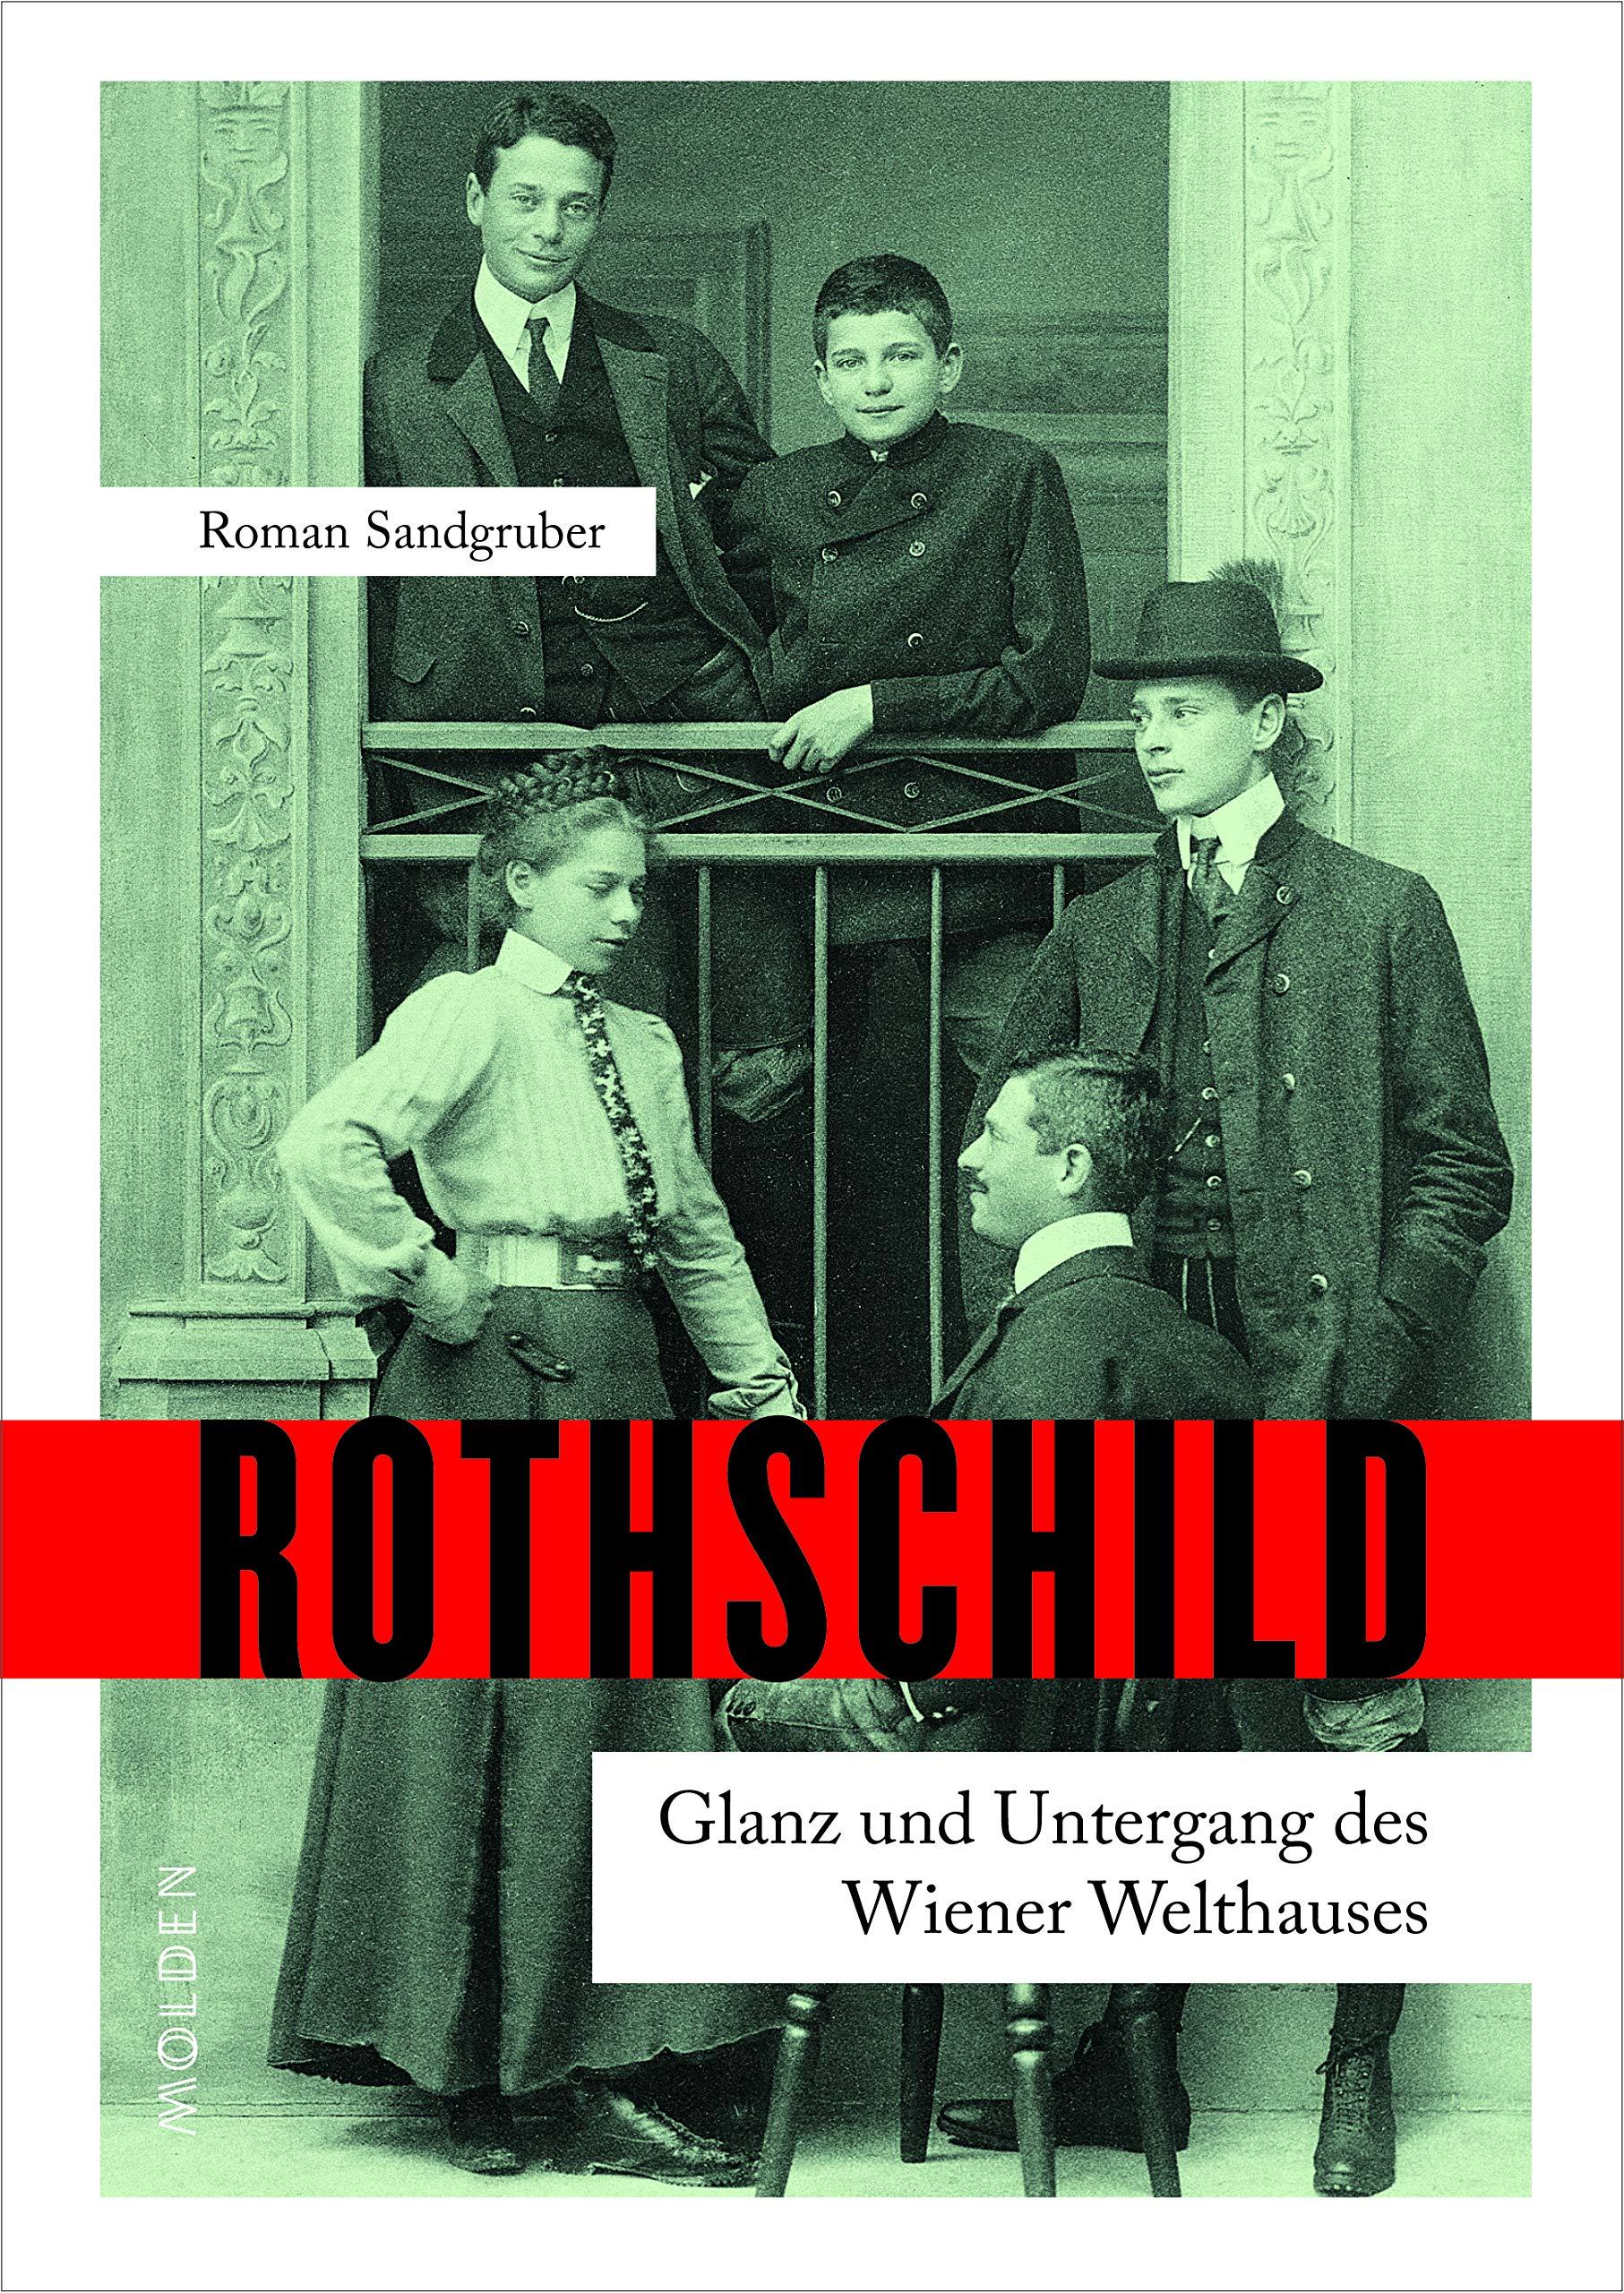 Rothschild: Glanz und Untergang des Wiener Welthauses Gebundenes Buch – 1. Oktober 2018 Roman Sandgruber 3222150249 Geschichte / Neuzeit Rothschild (Familie)